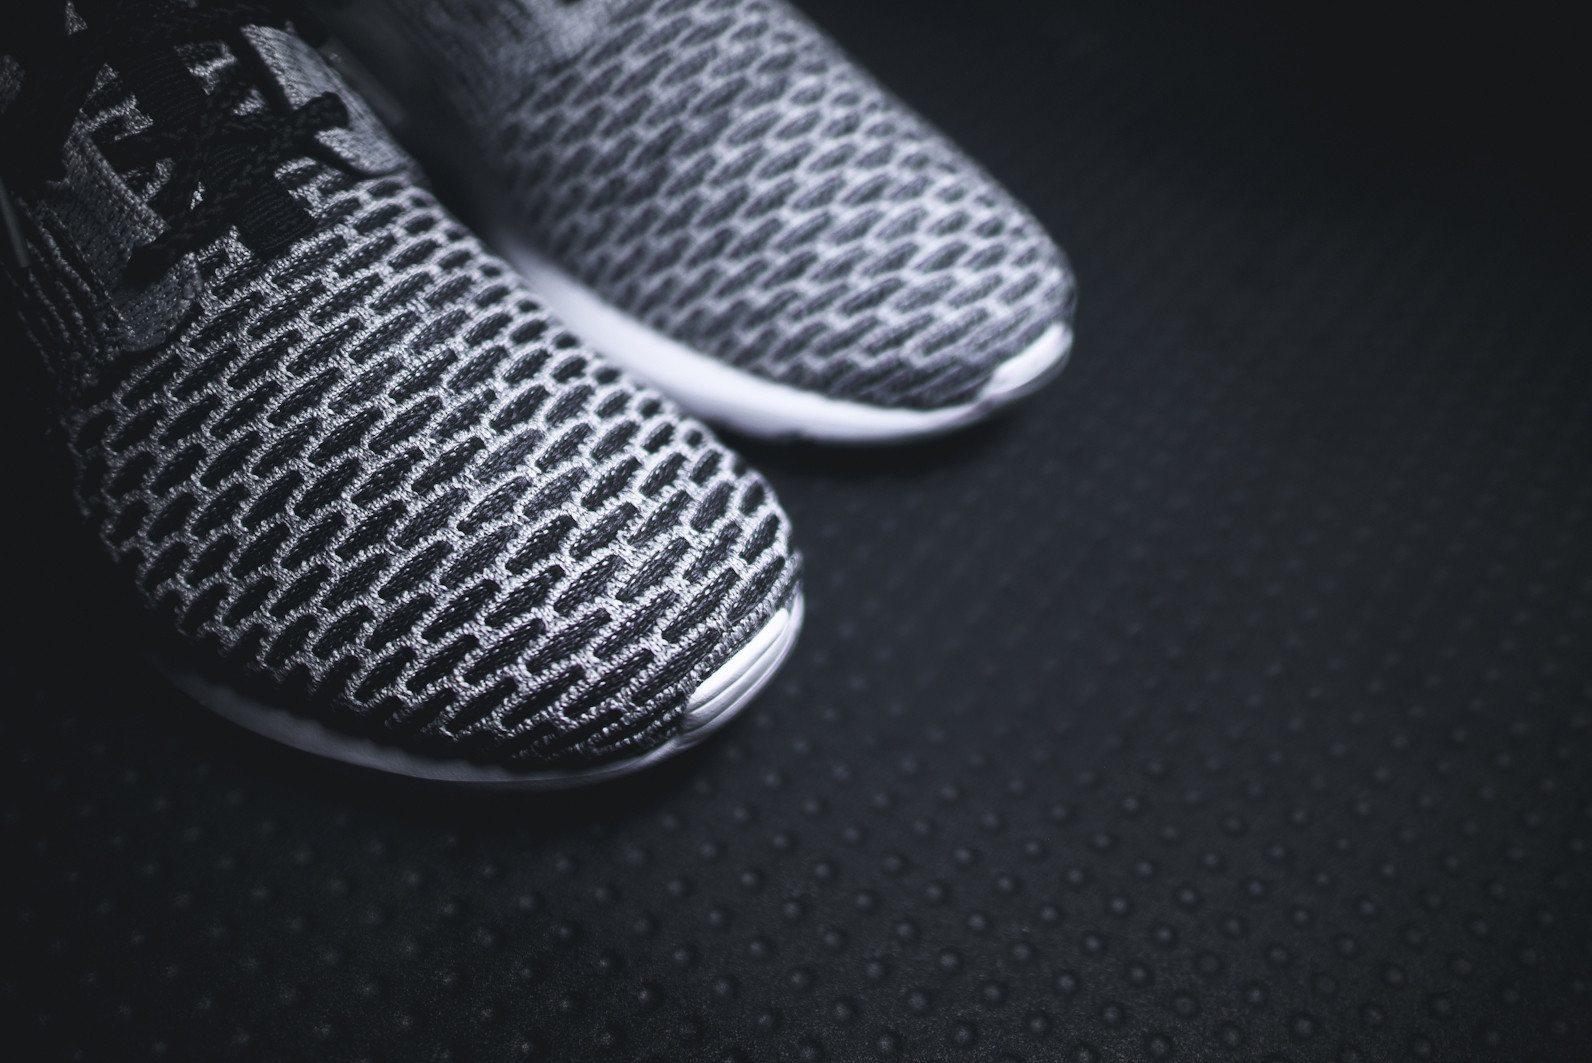 Nike Roshe Flyknit Black White Dark Grey 7